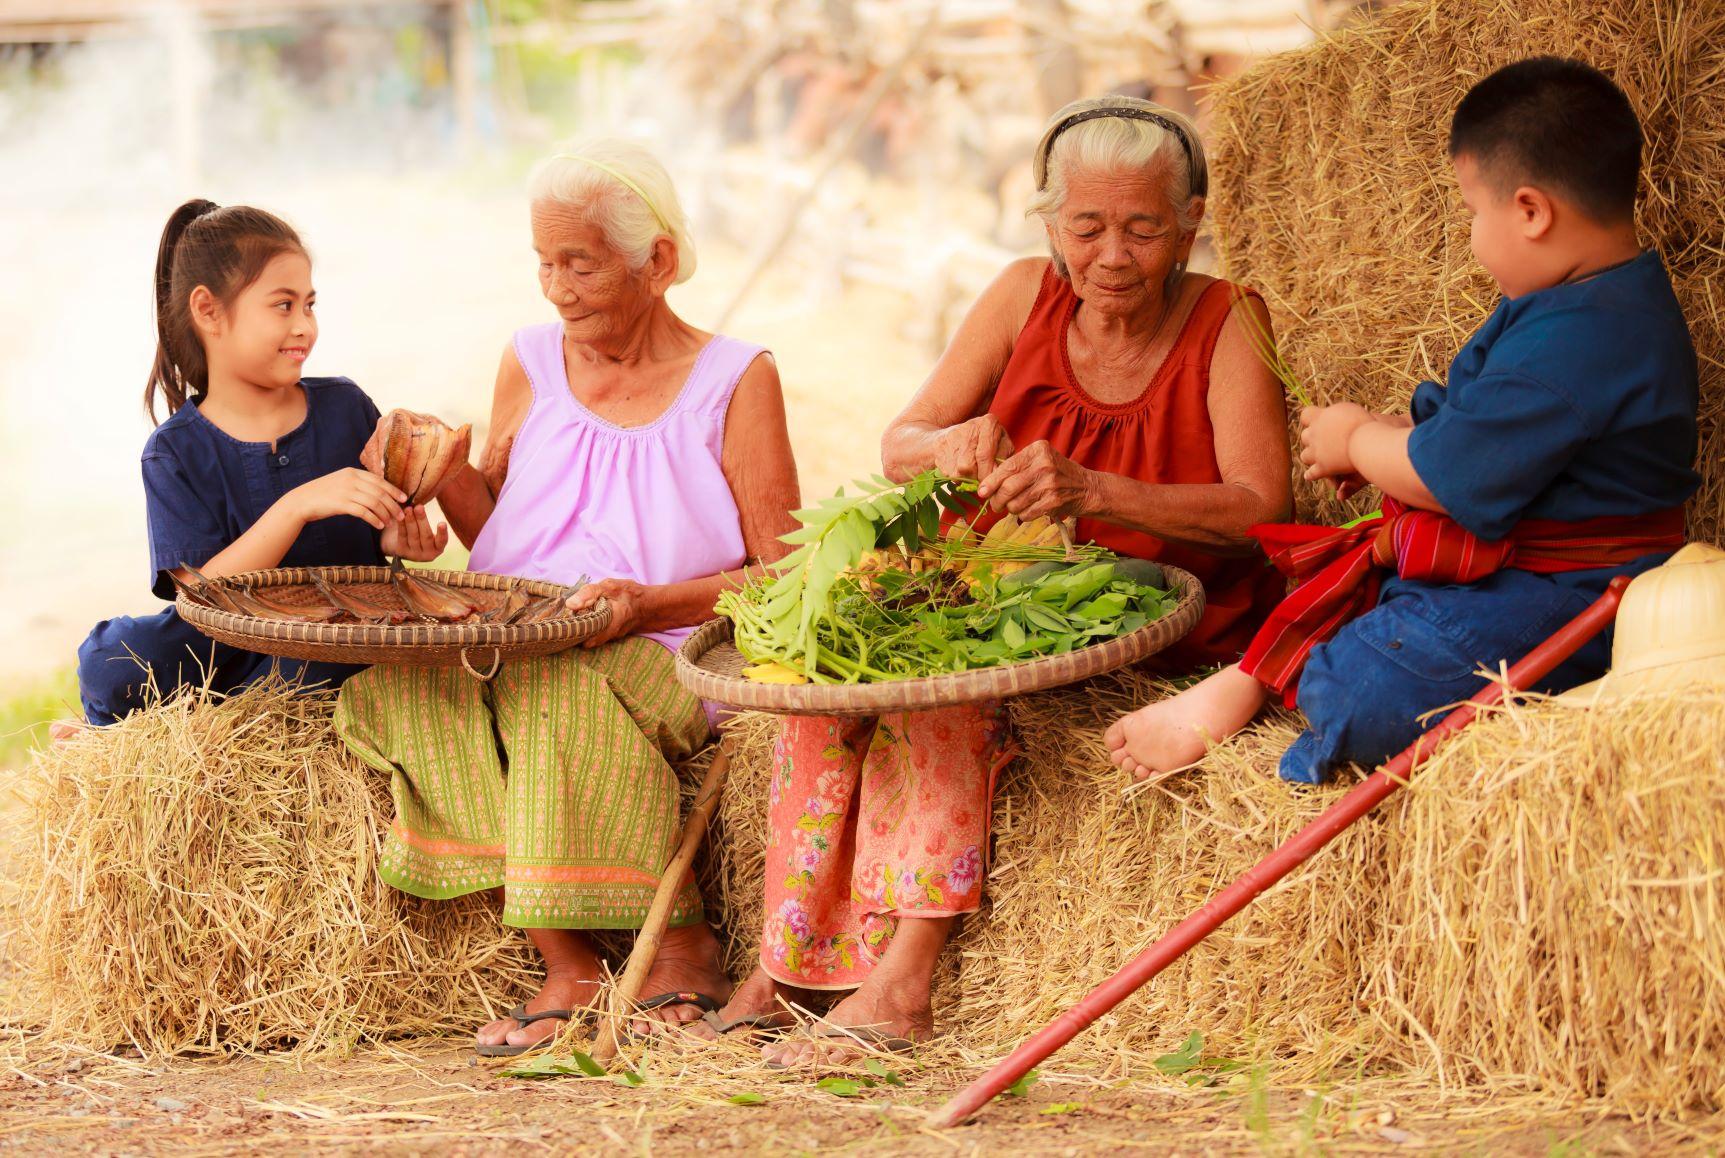 สสส.-การเคหะแห่งชาติ ขับเคลื่อนโครงการพื้นที่ต้นแบบสุขภาวะที่ยั่งยืน thaihealth